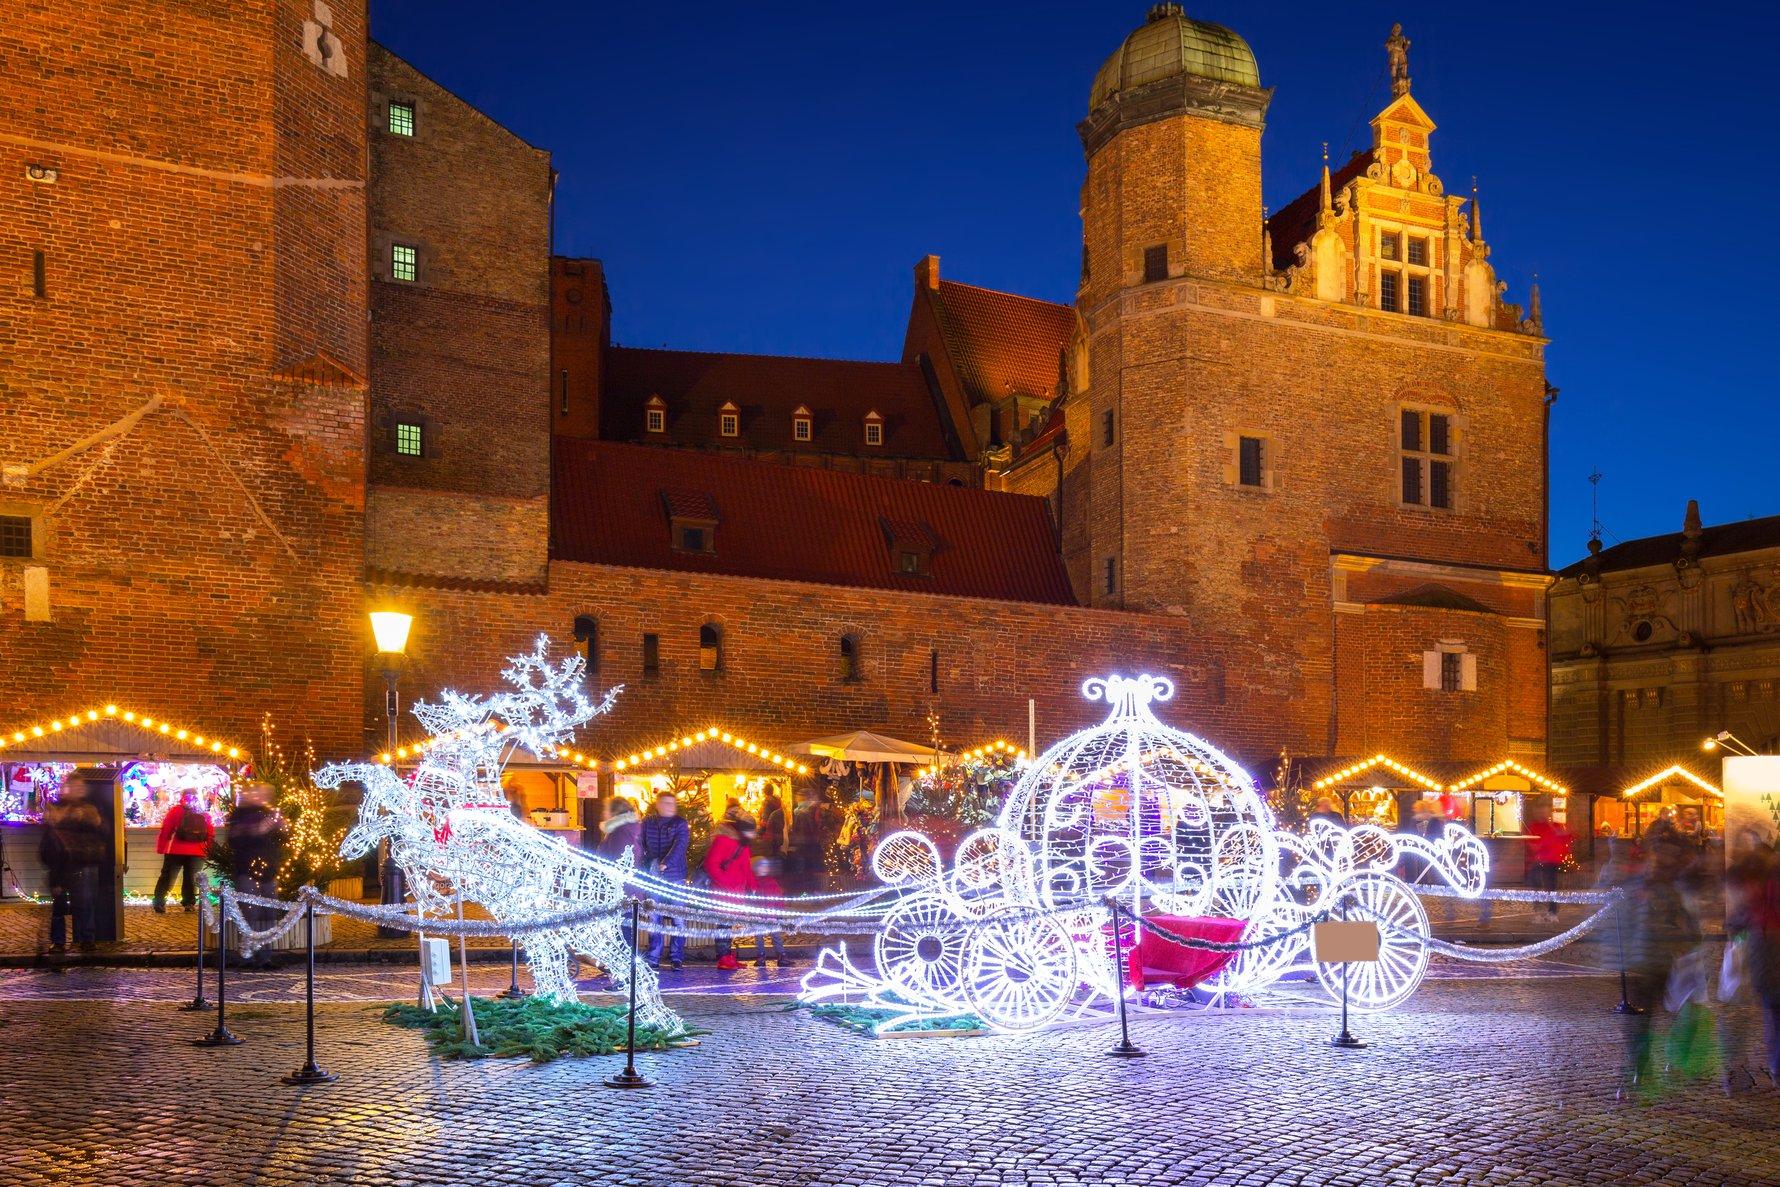 Gdańsk Christmas Market (Targ Węglowy). Photo by Patryk Kosmider.